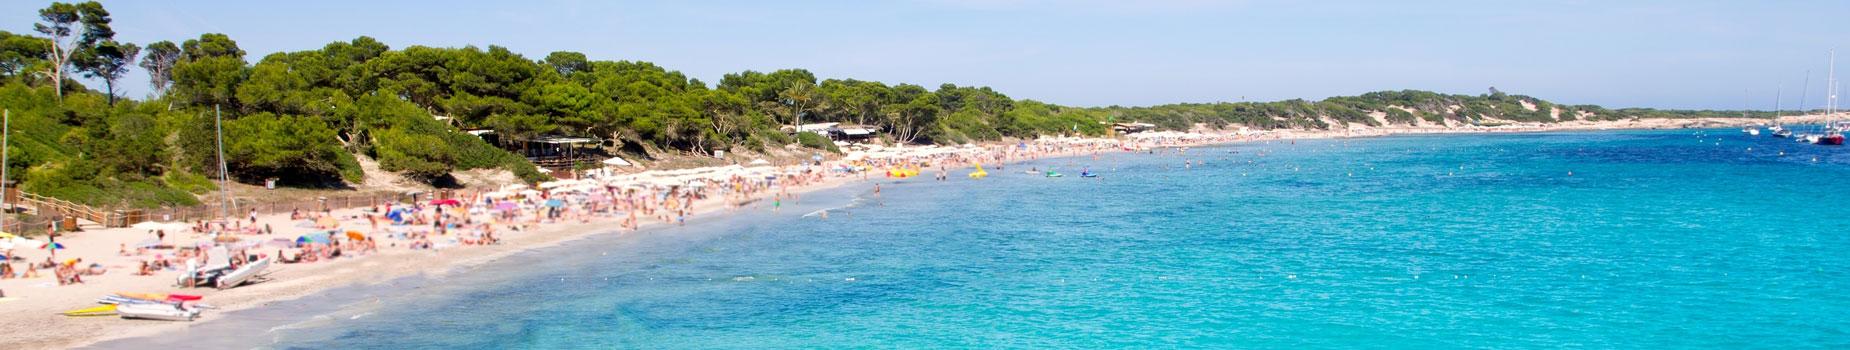 Vind uw busreis naar Malgrat de Mar